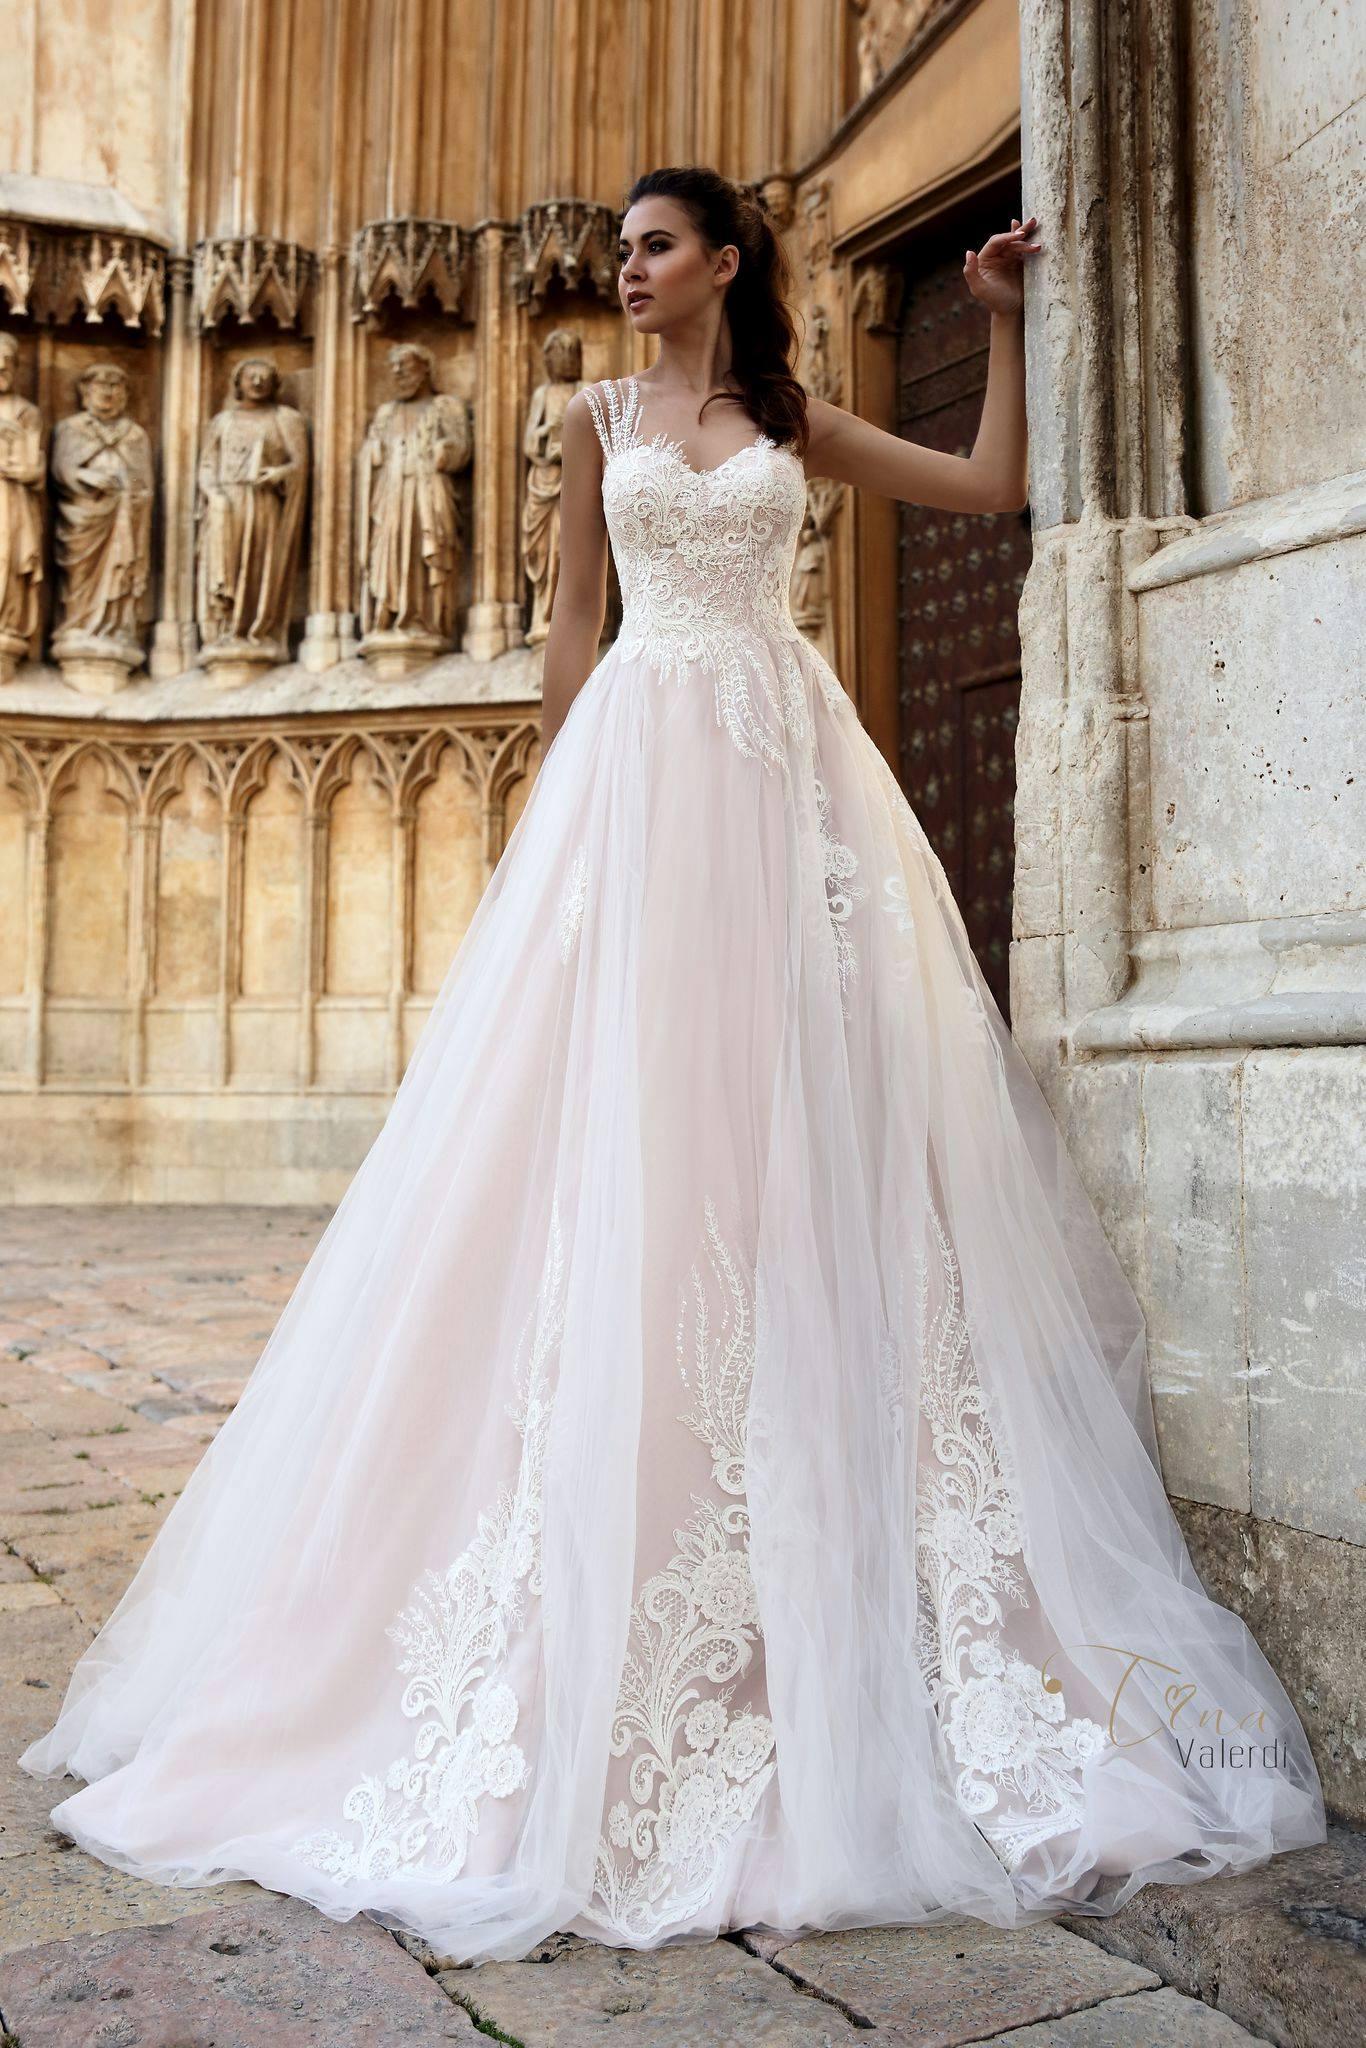 Wedding dress $700, size 6